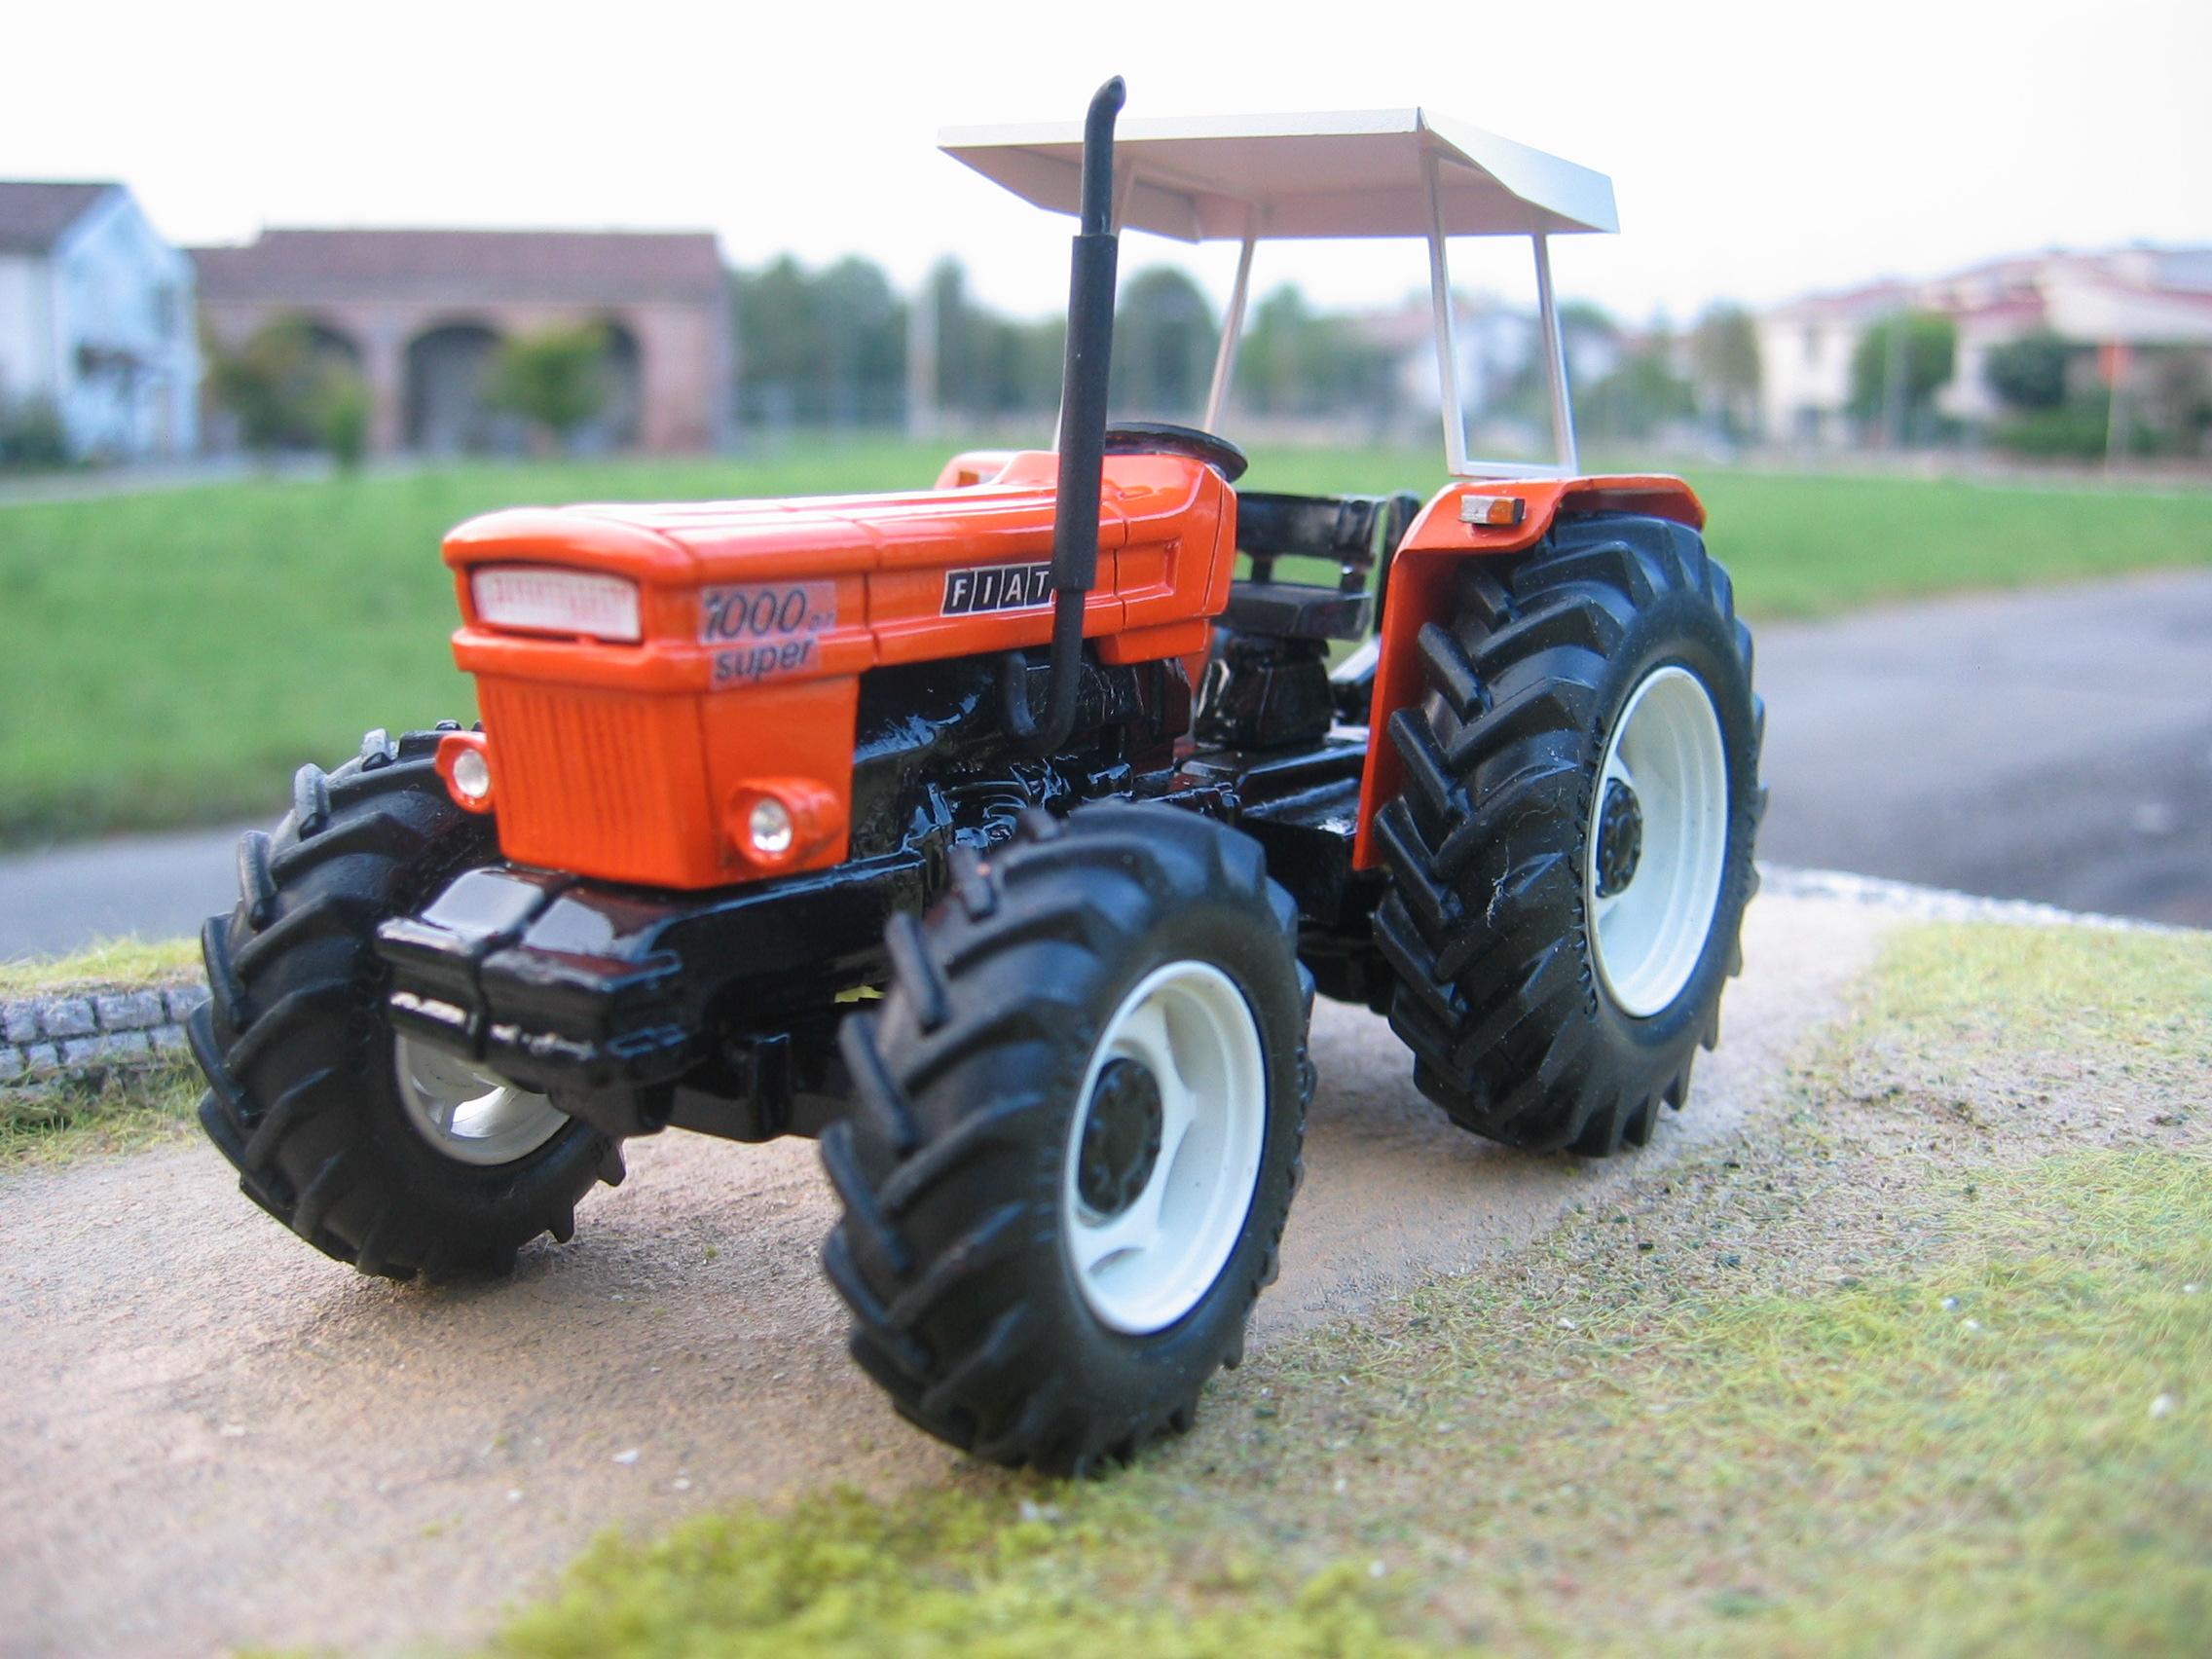 Trattori usati nuovi e macchine agricole in vendita for Manferdini macchine agricole